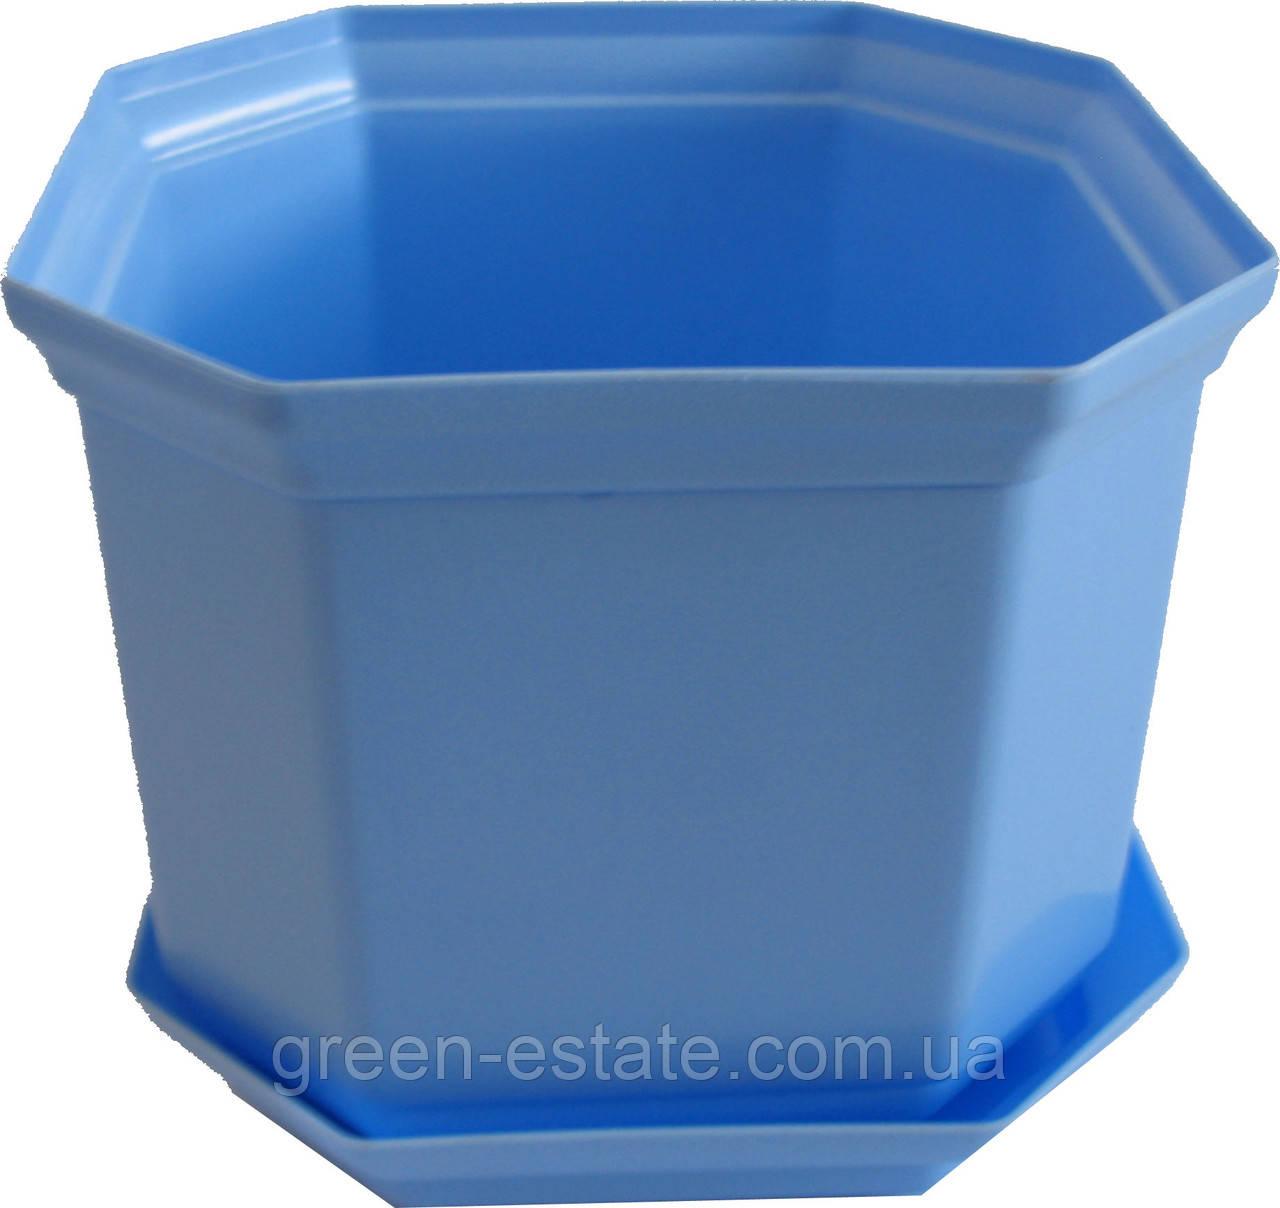 Вазон Дама 14 1,6 л синий